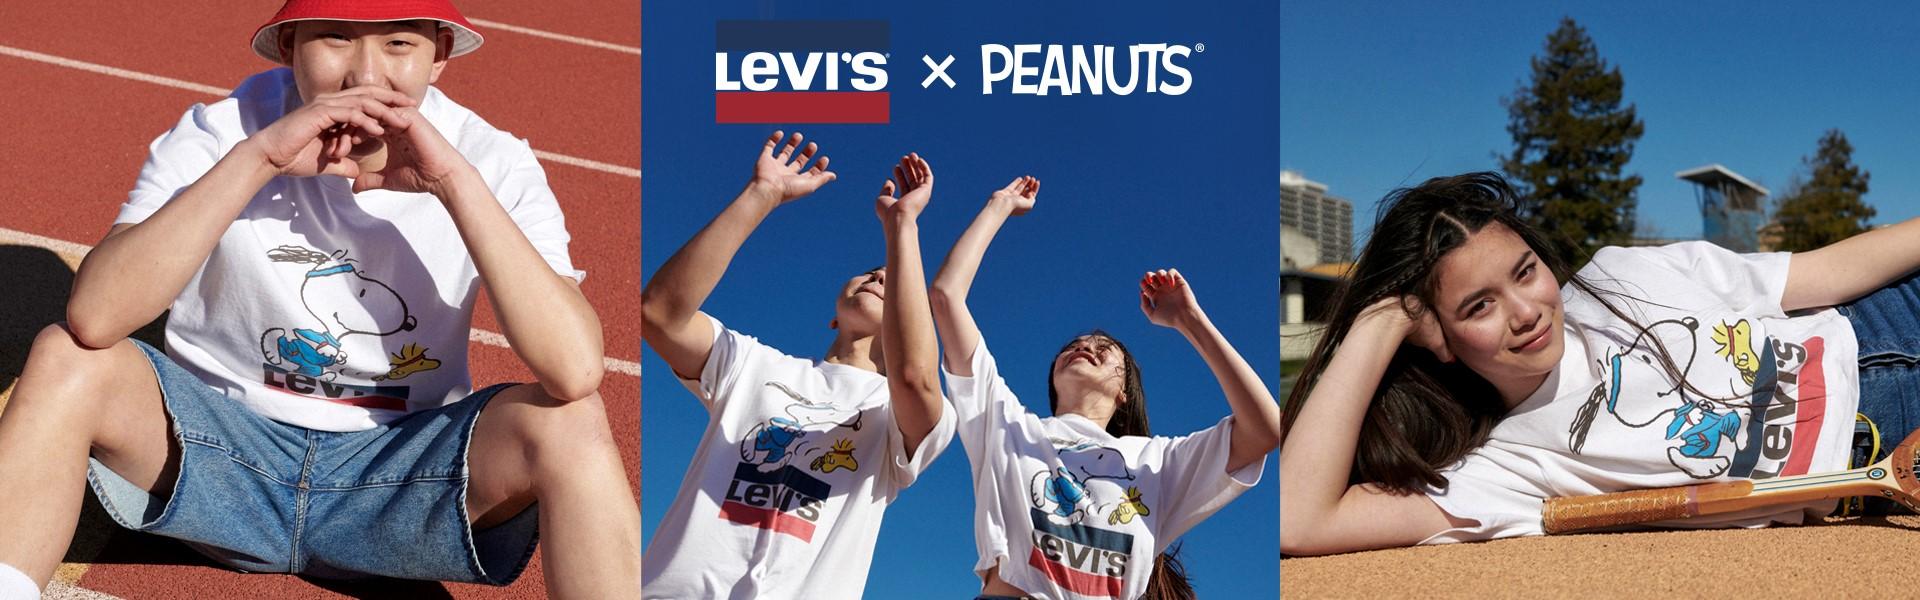 Levi's® x Peanuts